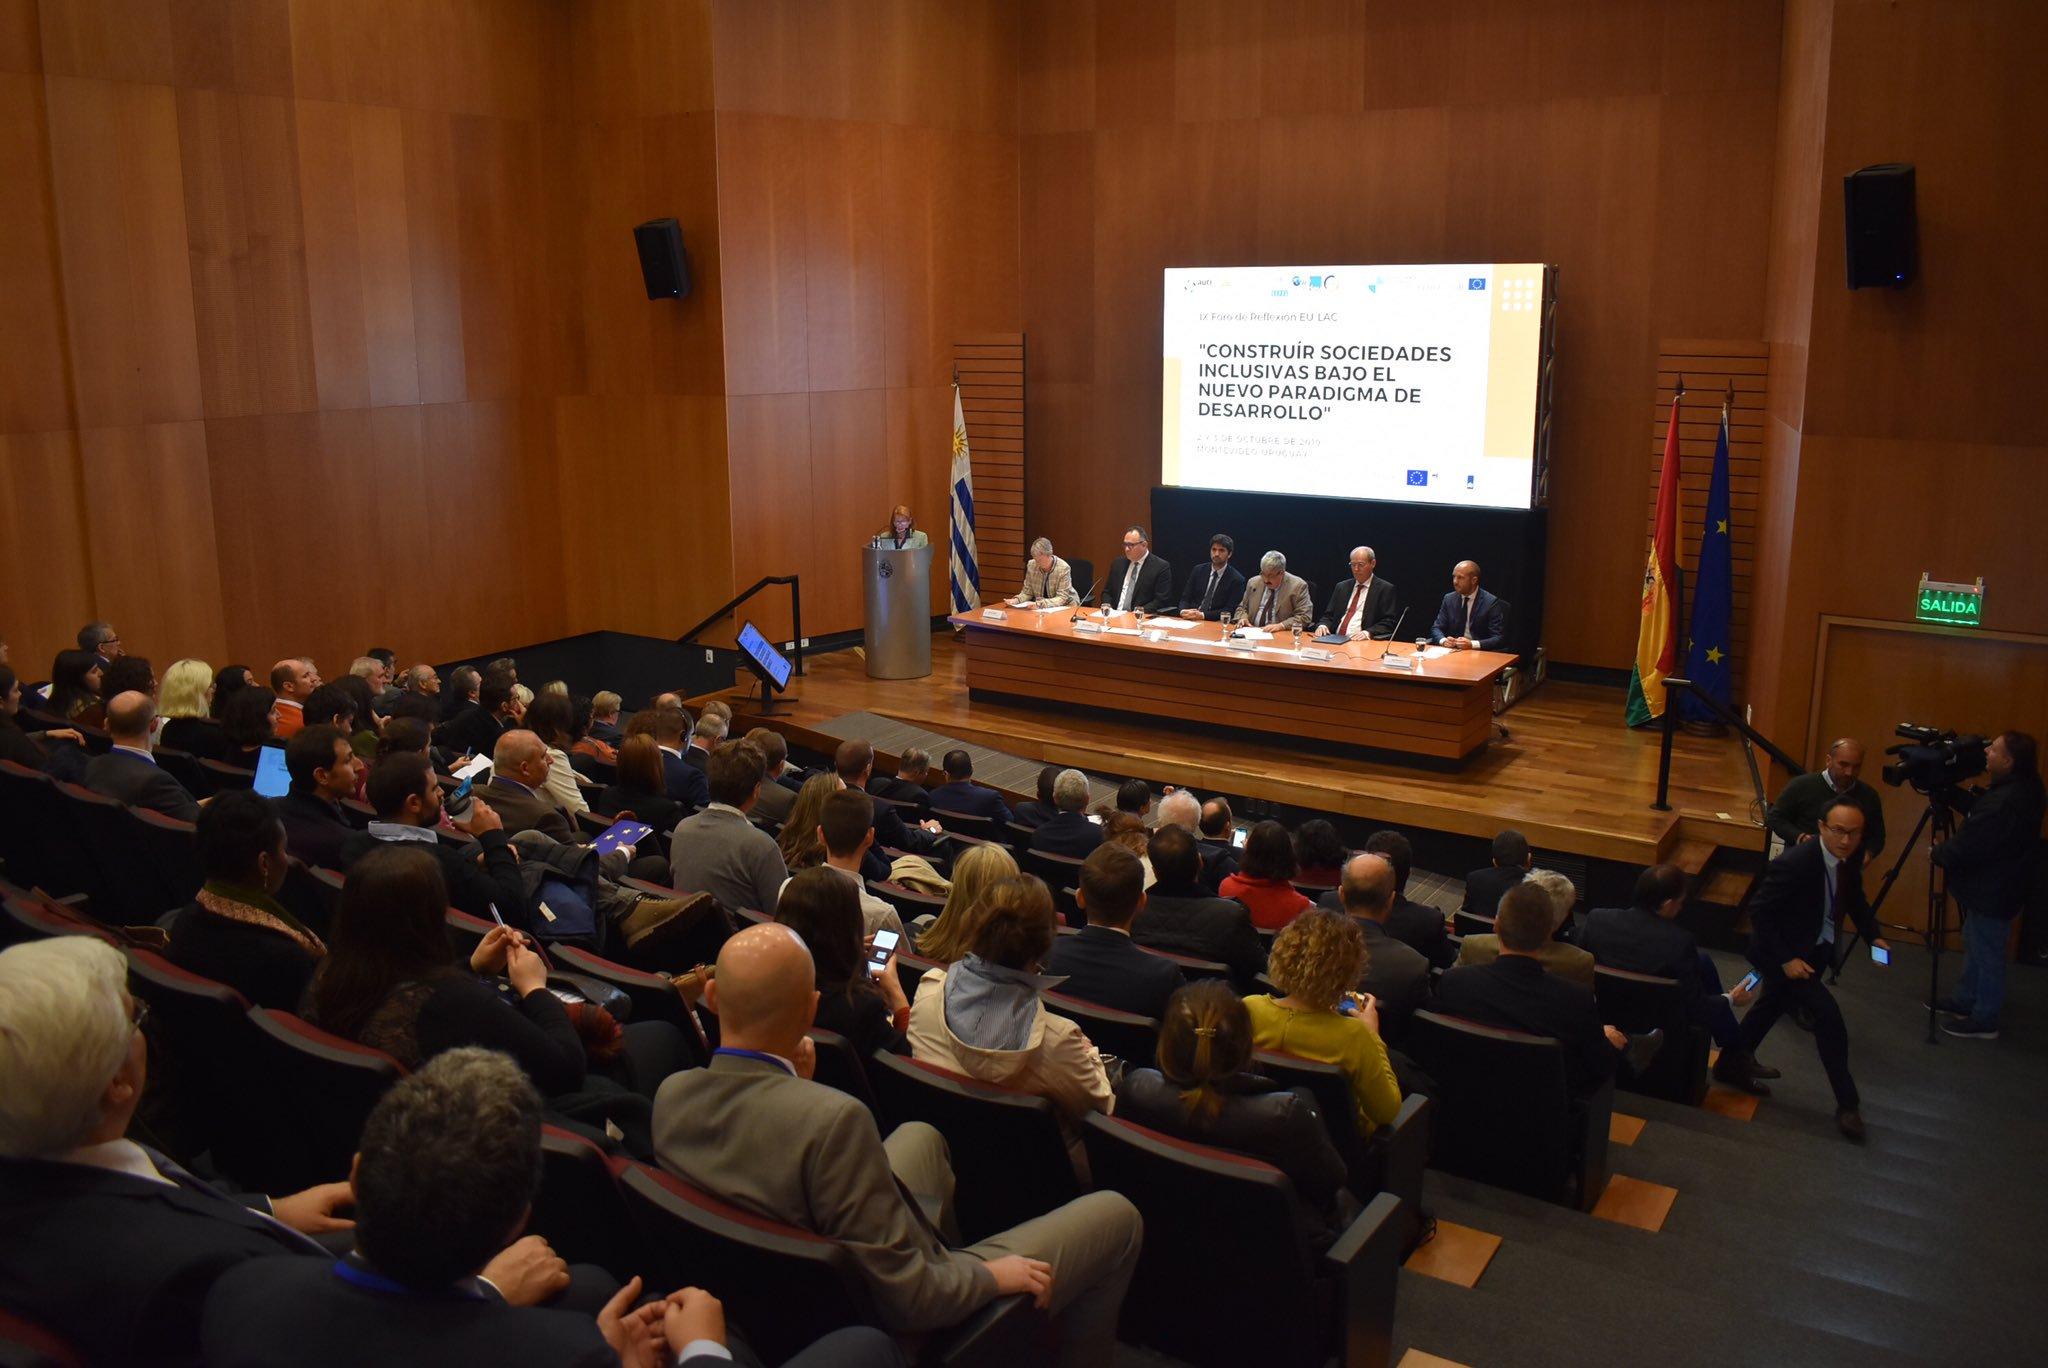 IX Foro de Reflexión EU-LAC: Construyendo sociedades inclusivas bajo un nuevo paradigma de desarrollo